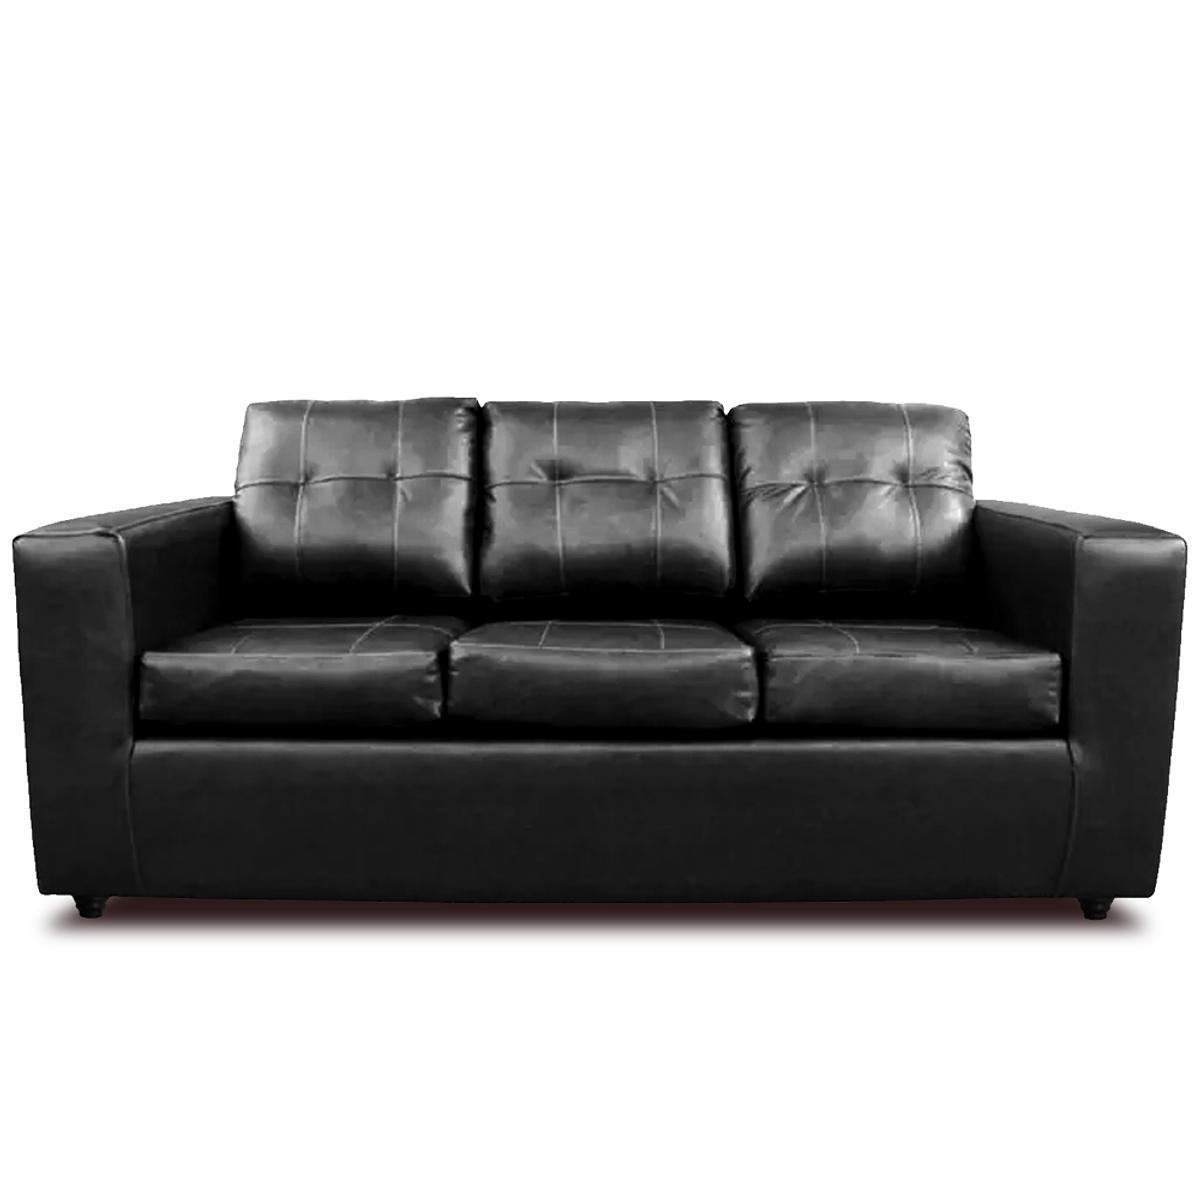 Sof s y sillones for Registro bienes muebles sevilla